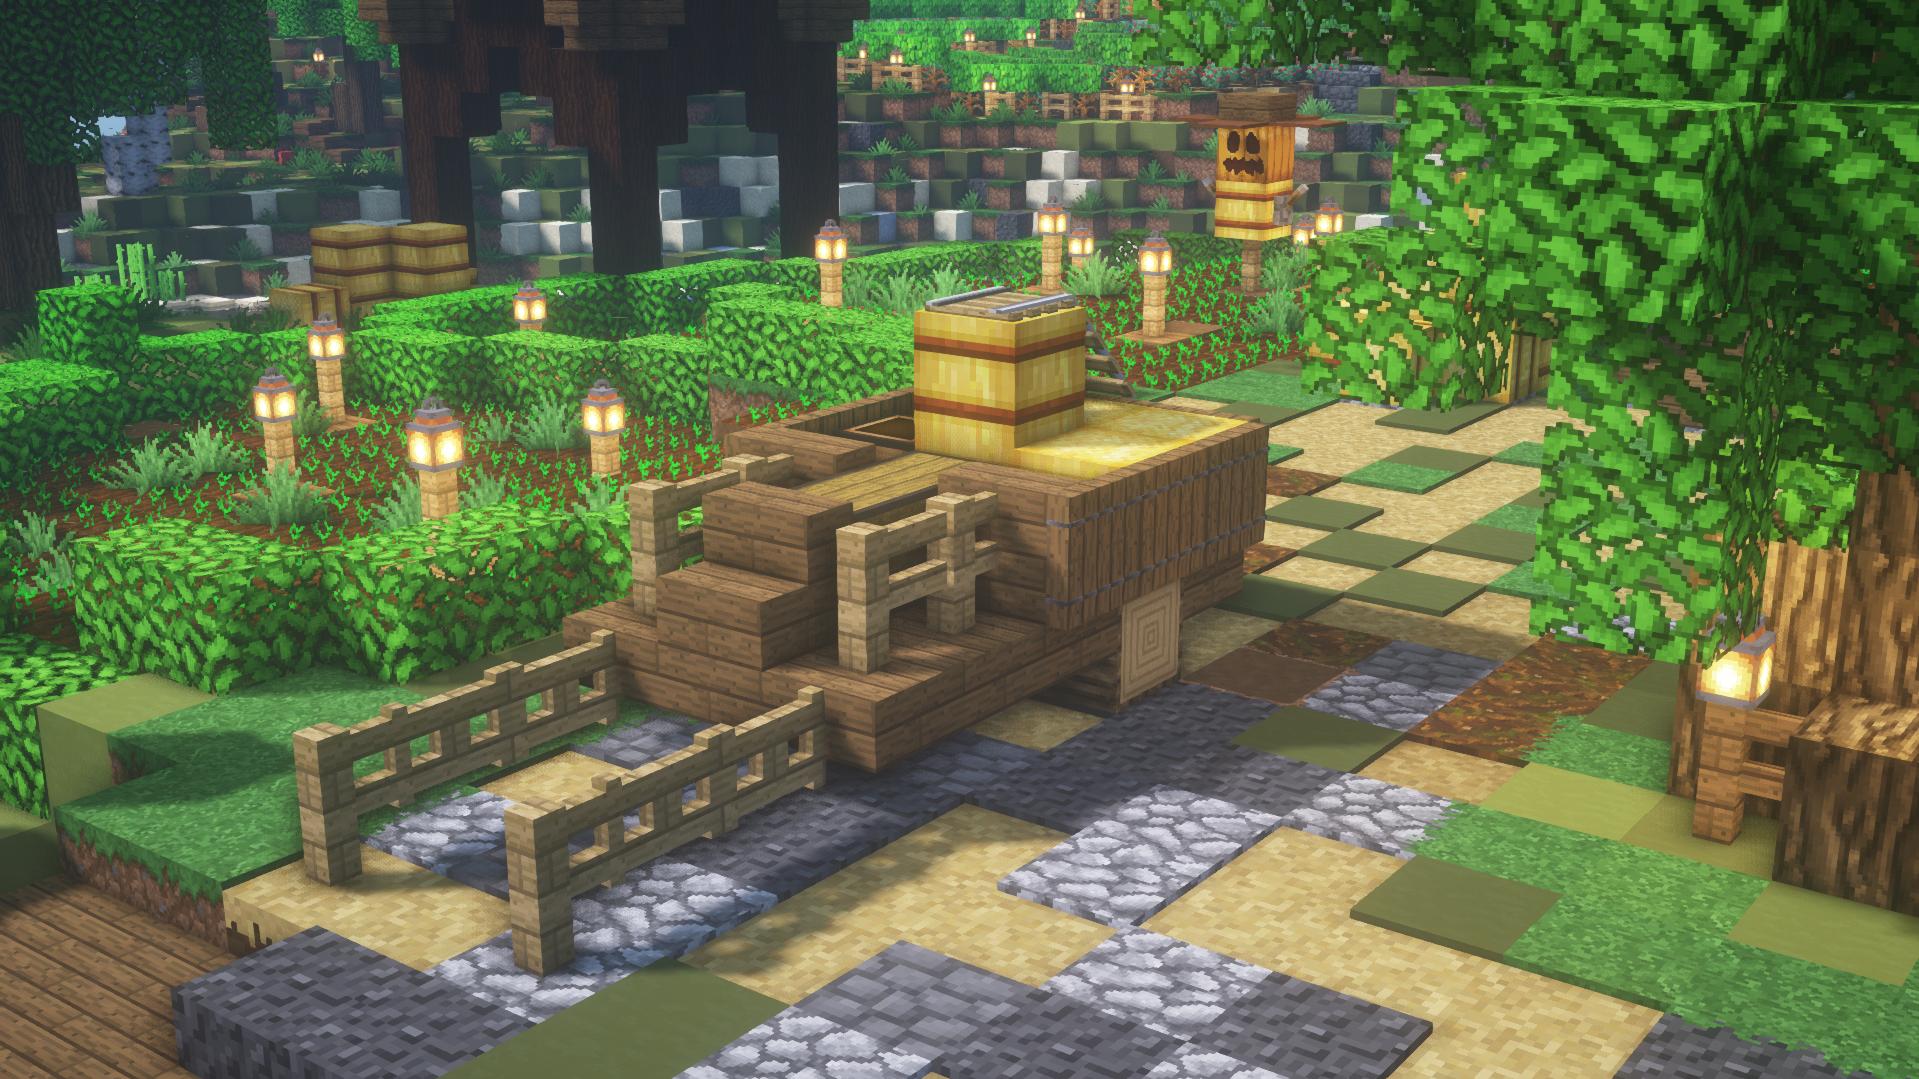 Charrette En Bois Dans Un Chemin De Terre Minecraft Decoration Exterieur Minecraft Exterieur